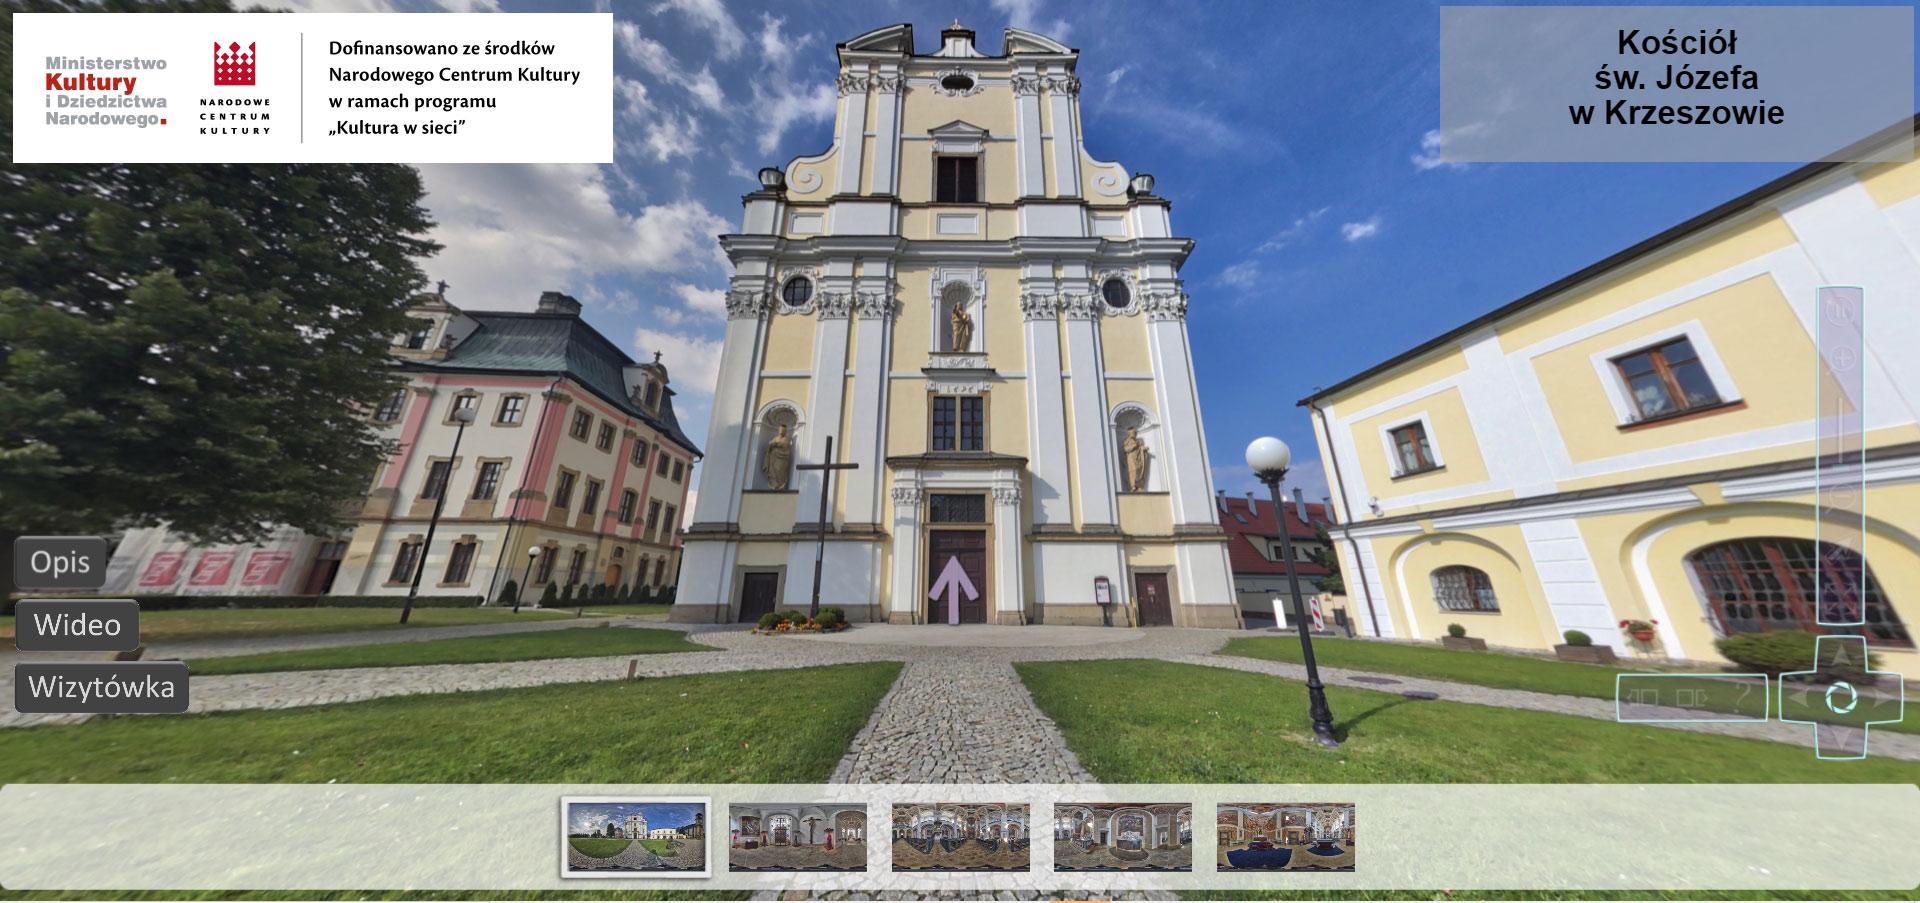 02.Kościół-św.-Józefa-w-Krzeszowie